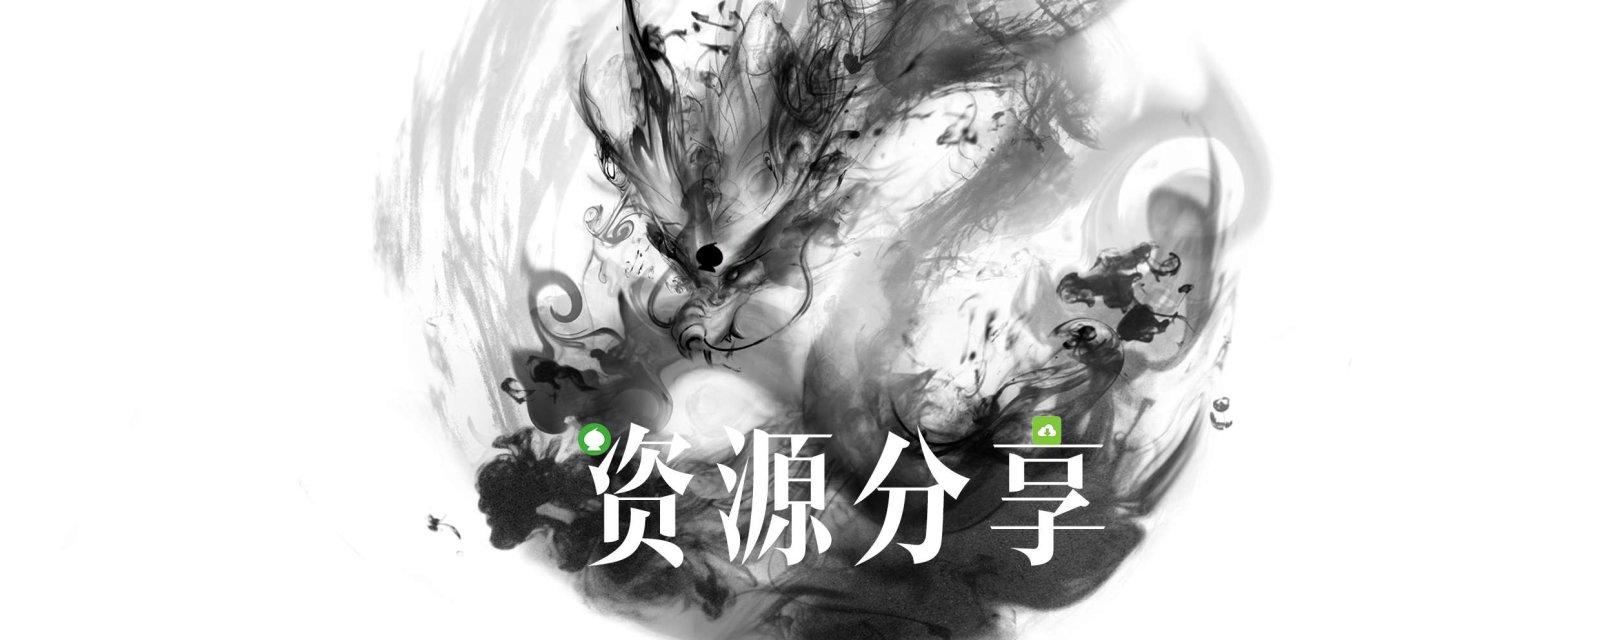 【资源分享】百度翻译